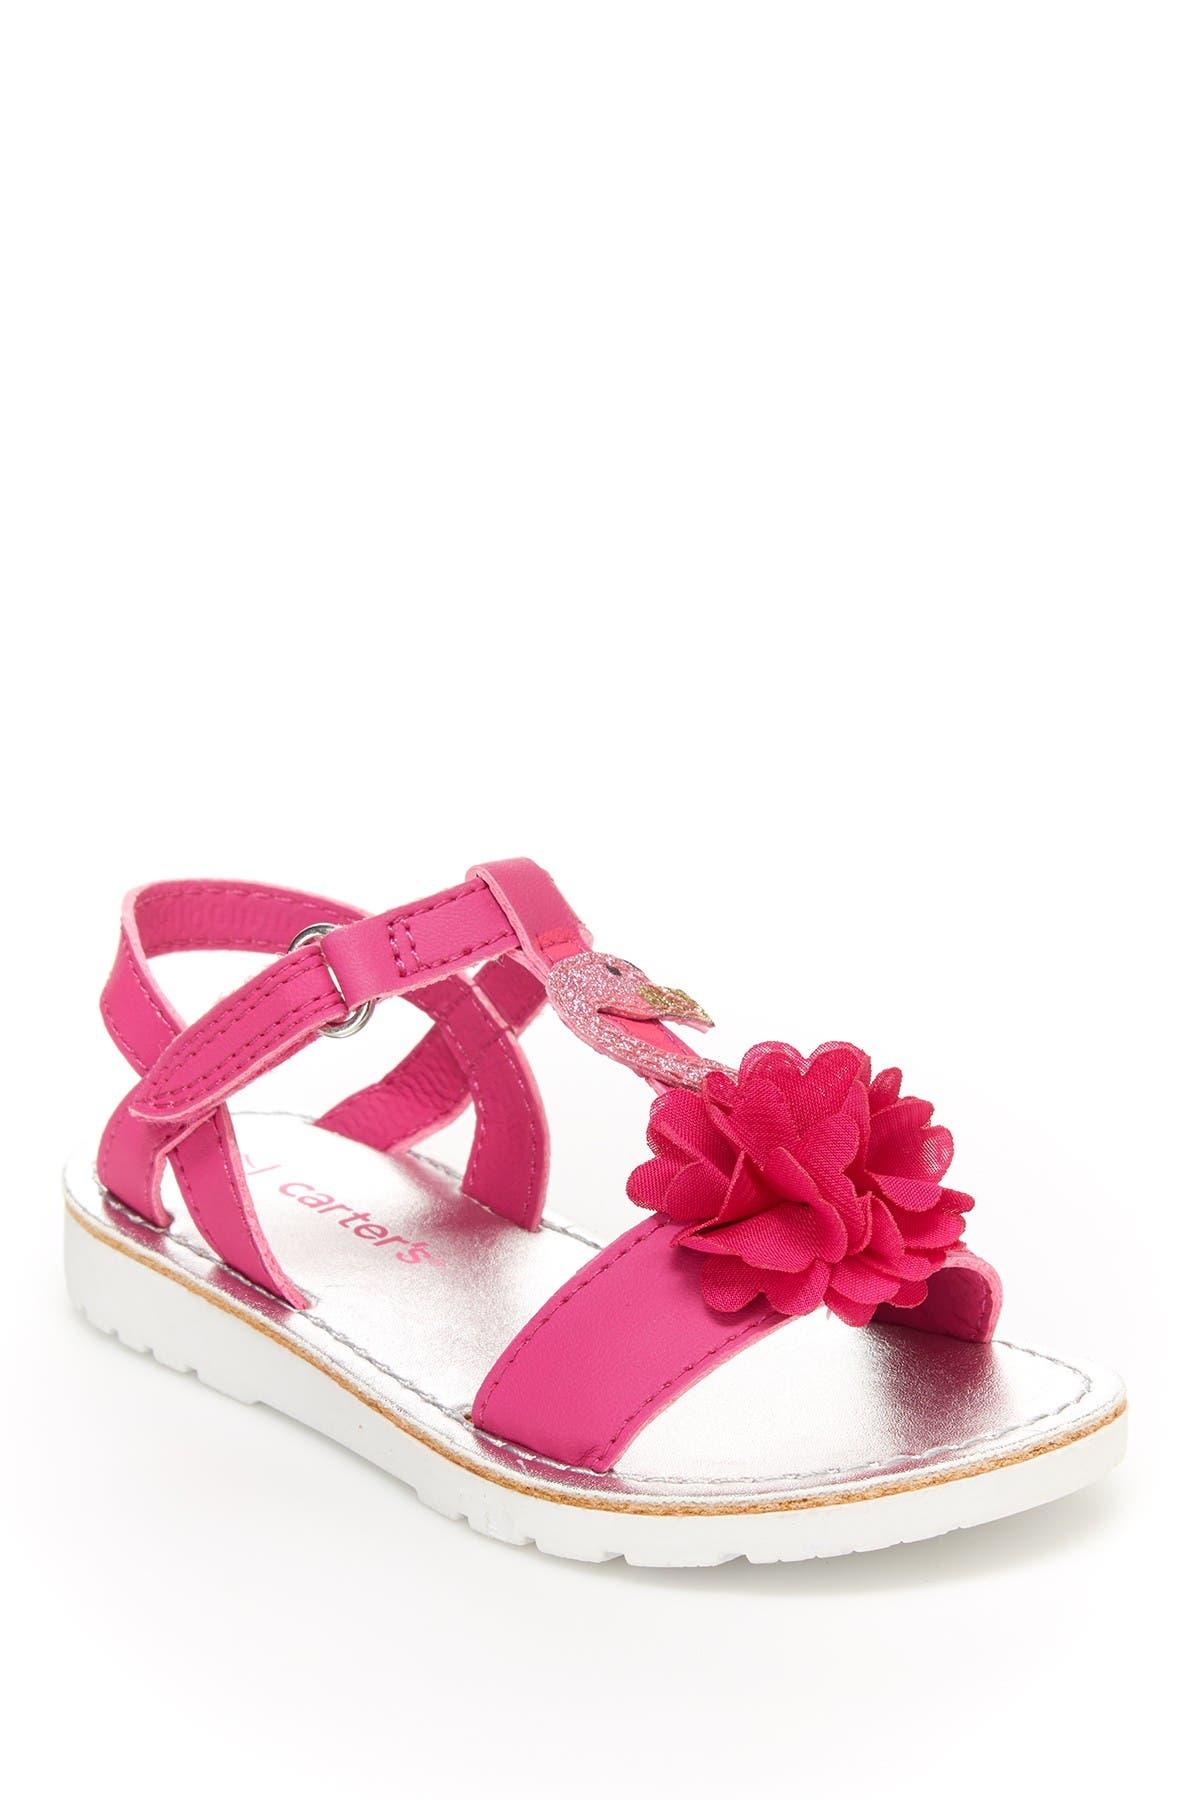 Image of Carter's Wenna Flower T-Strap Sandal